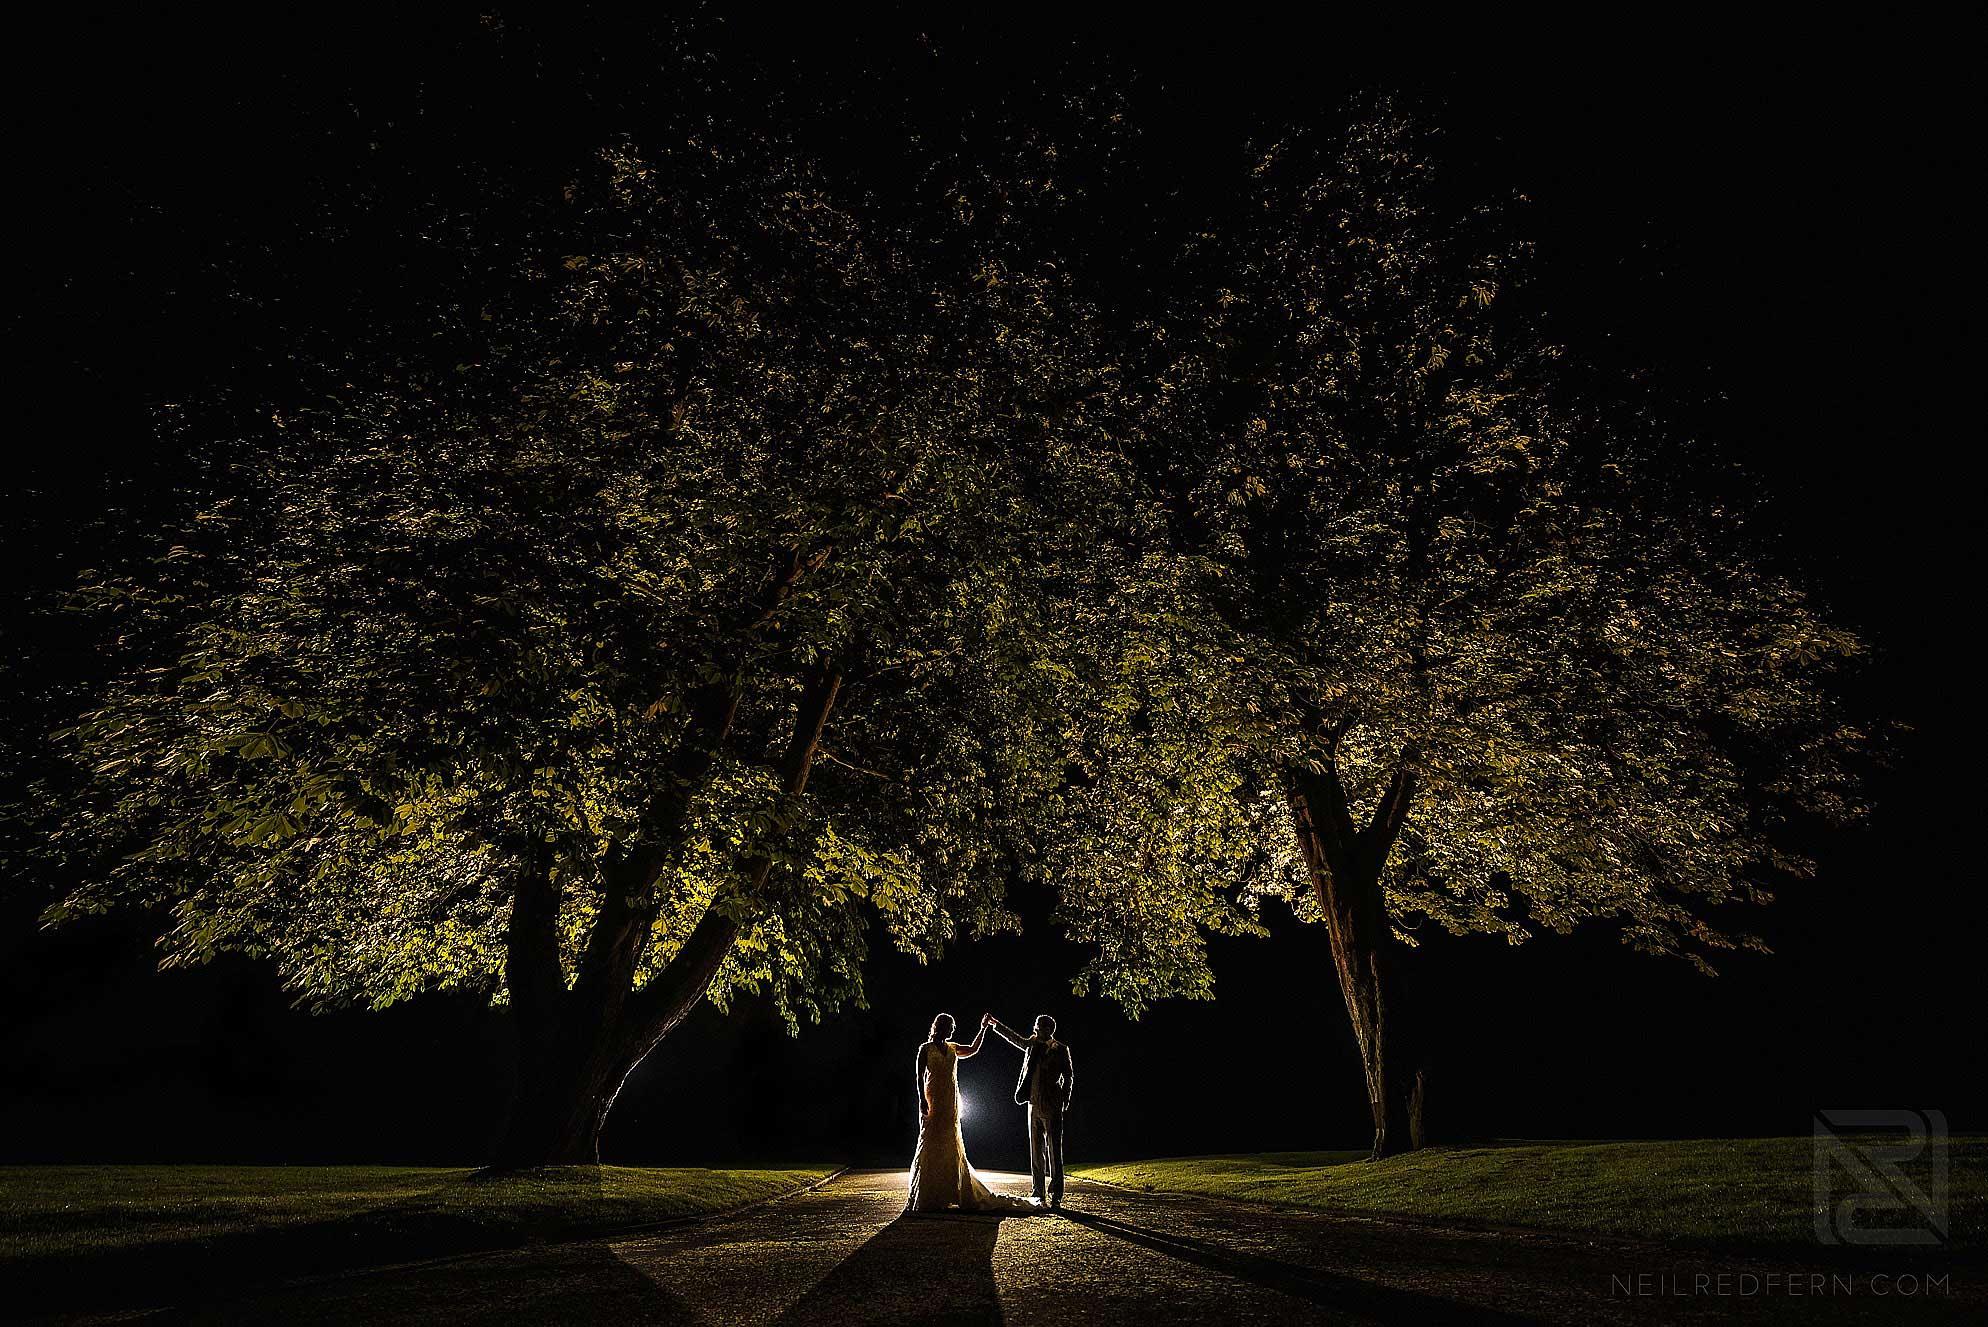 off camera flash wedding photo taken at night